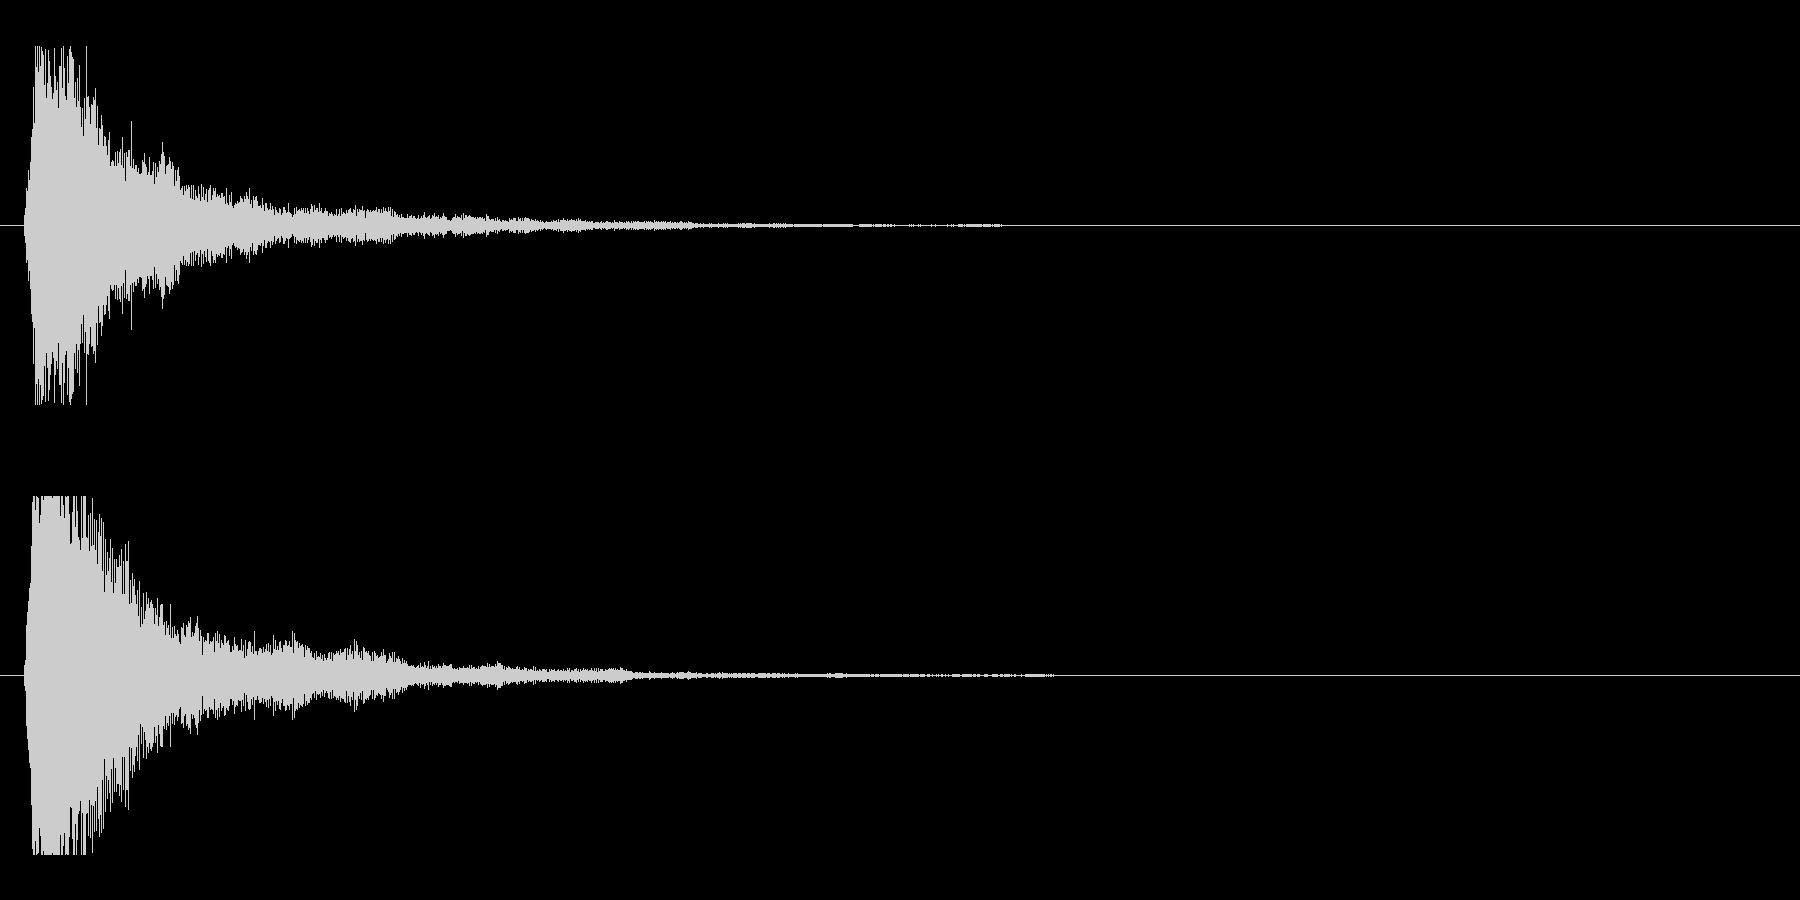 レーザー音-47-1の未再生の波形